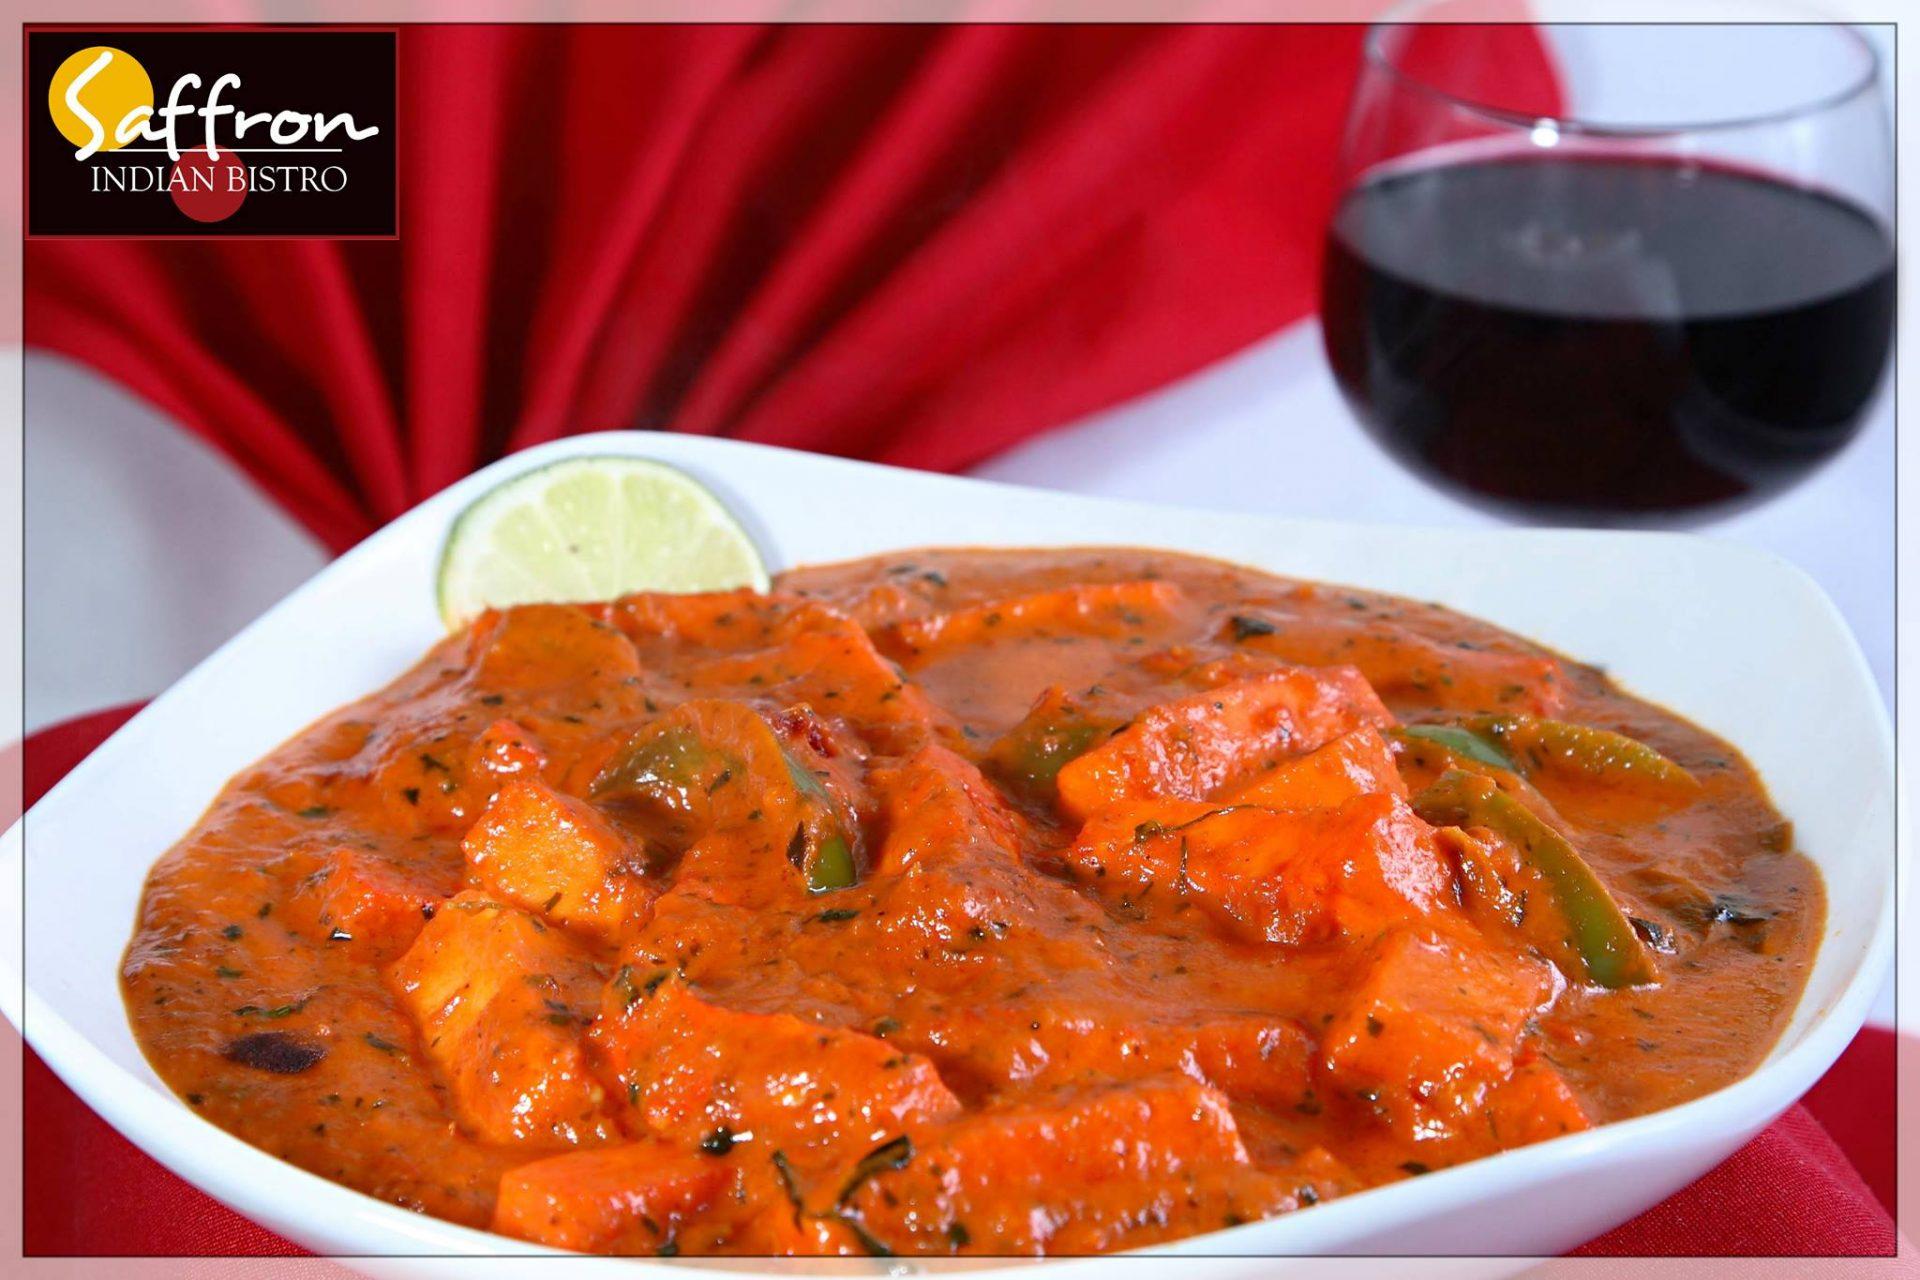 Saffron Indian Bistro